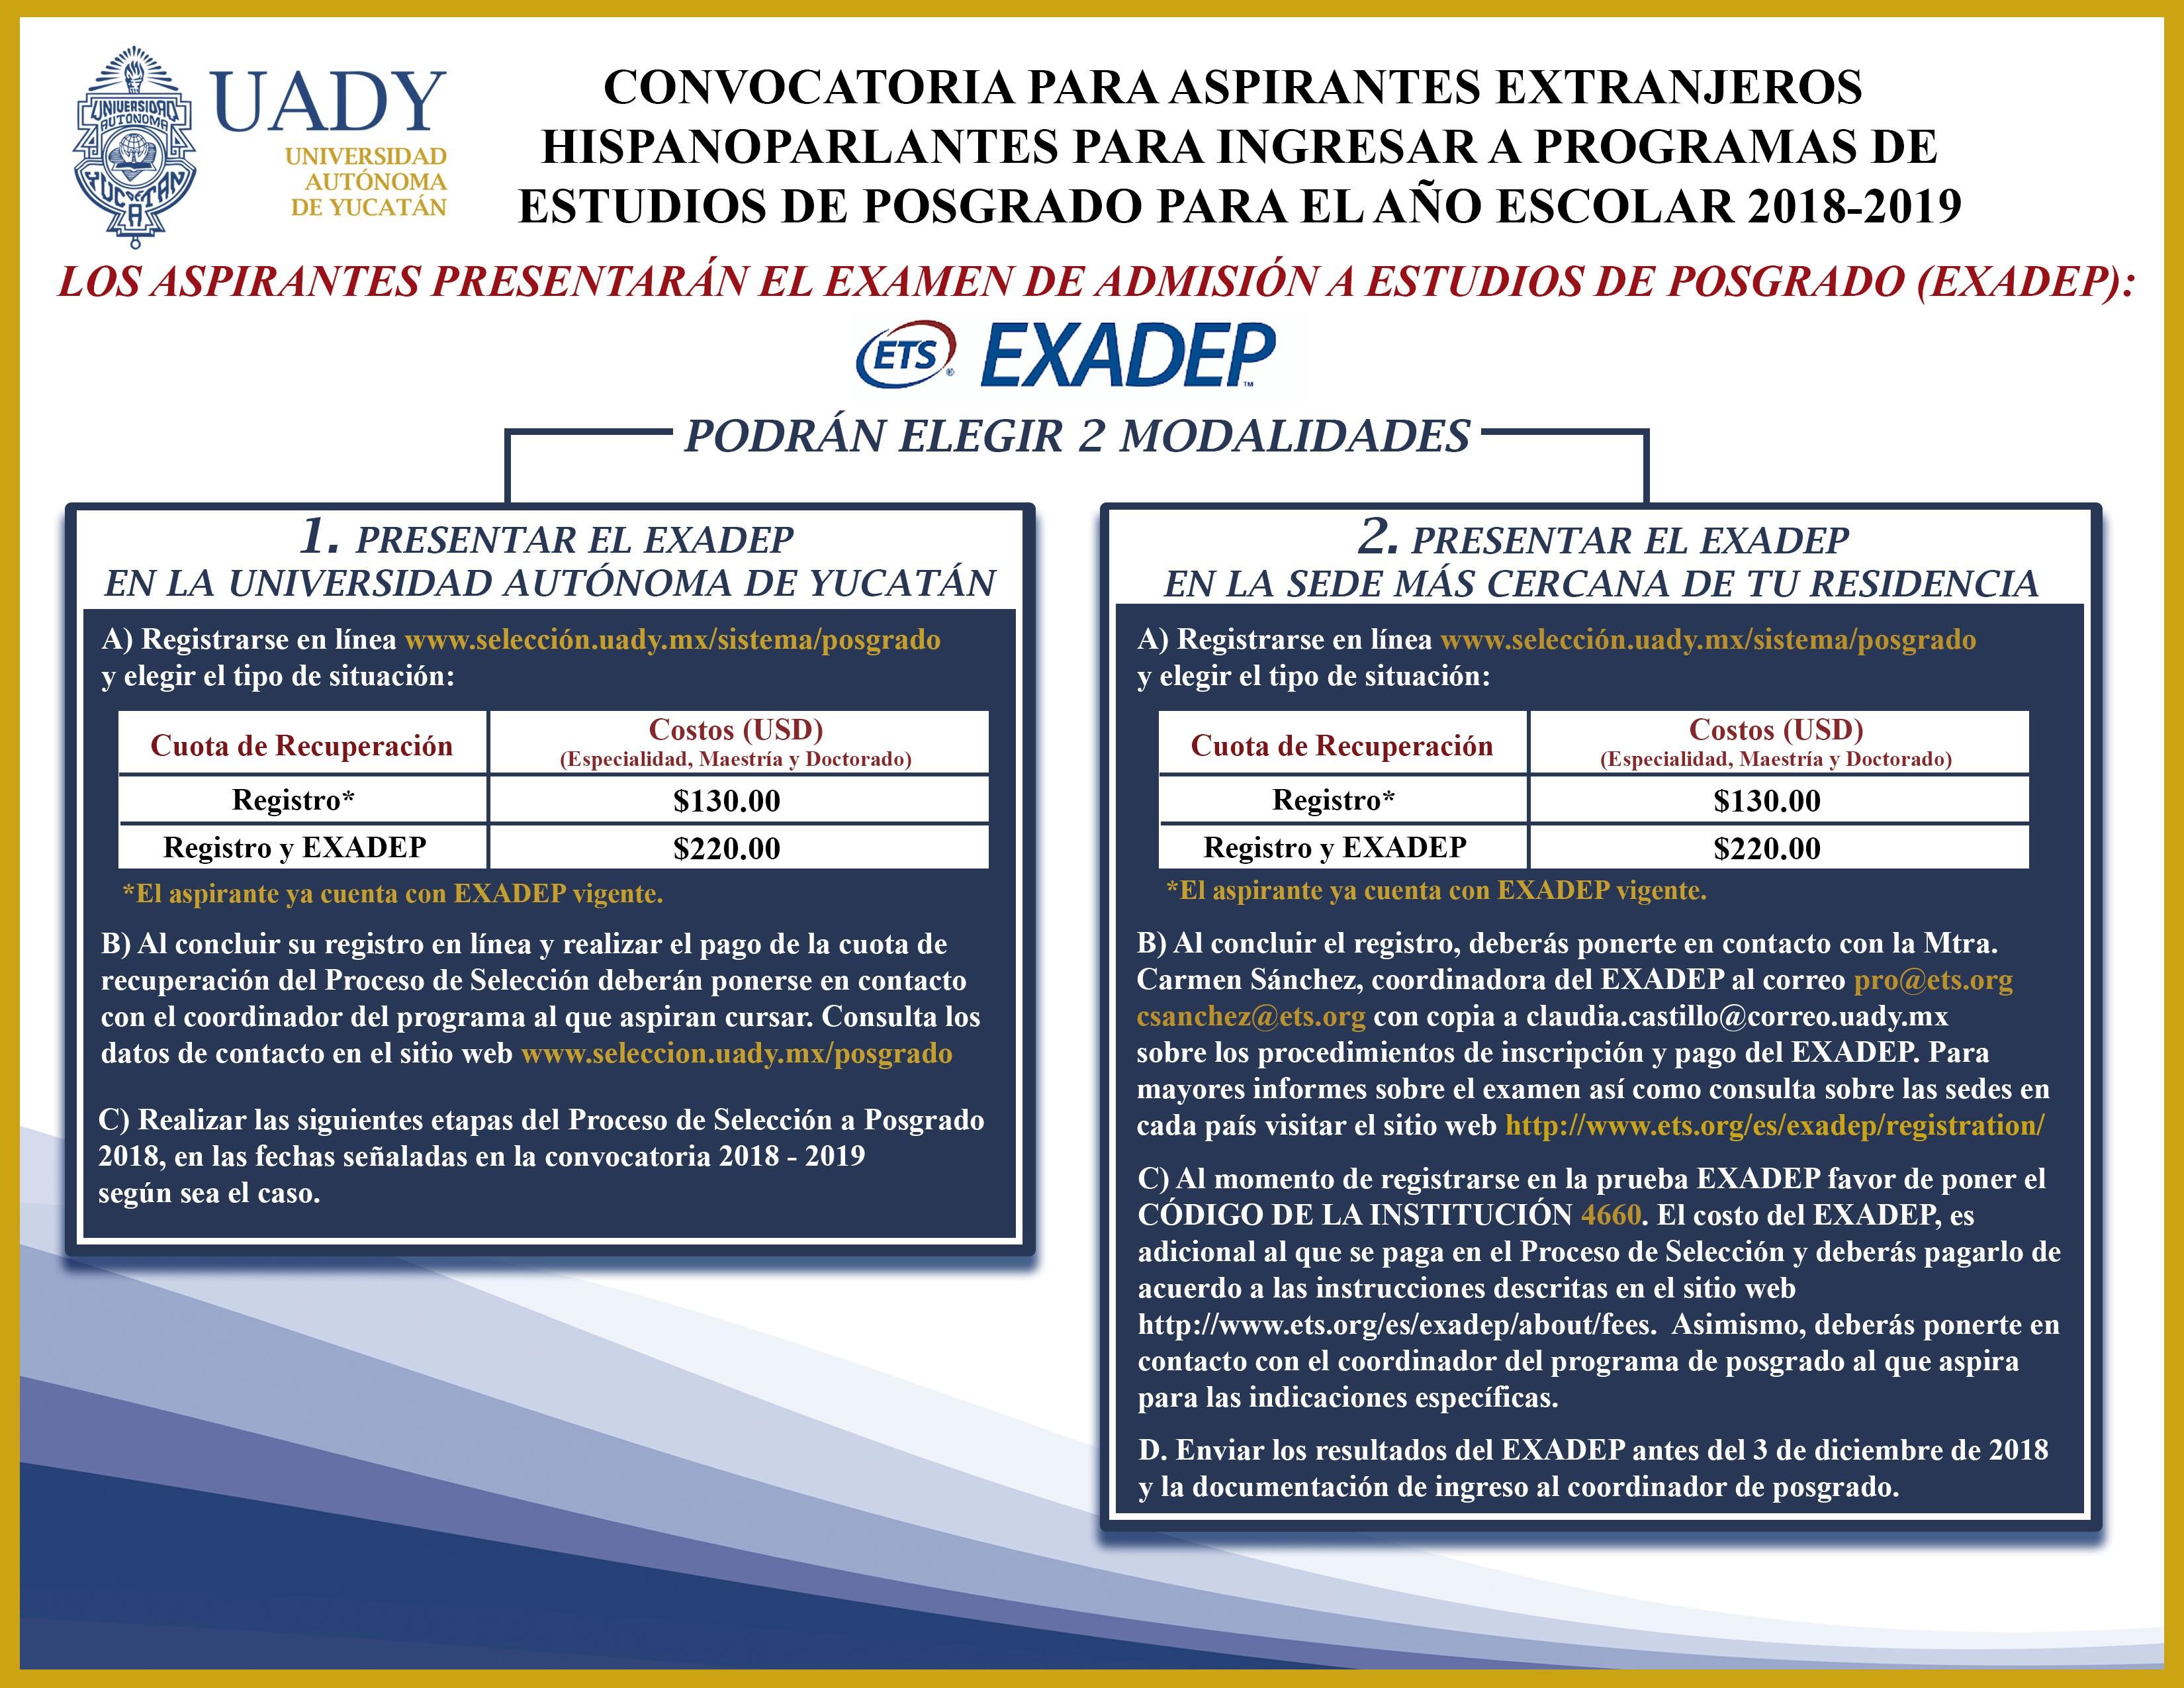 CONVOCATORIA ASPIRANTES EXTRANJEROS EXADEP